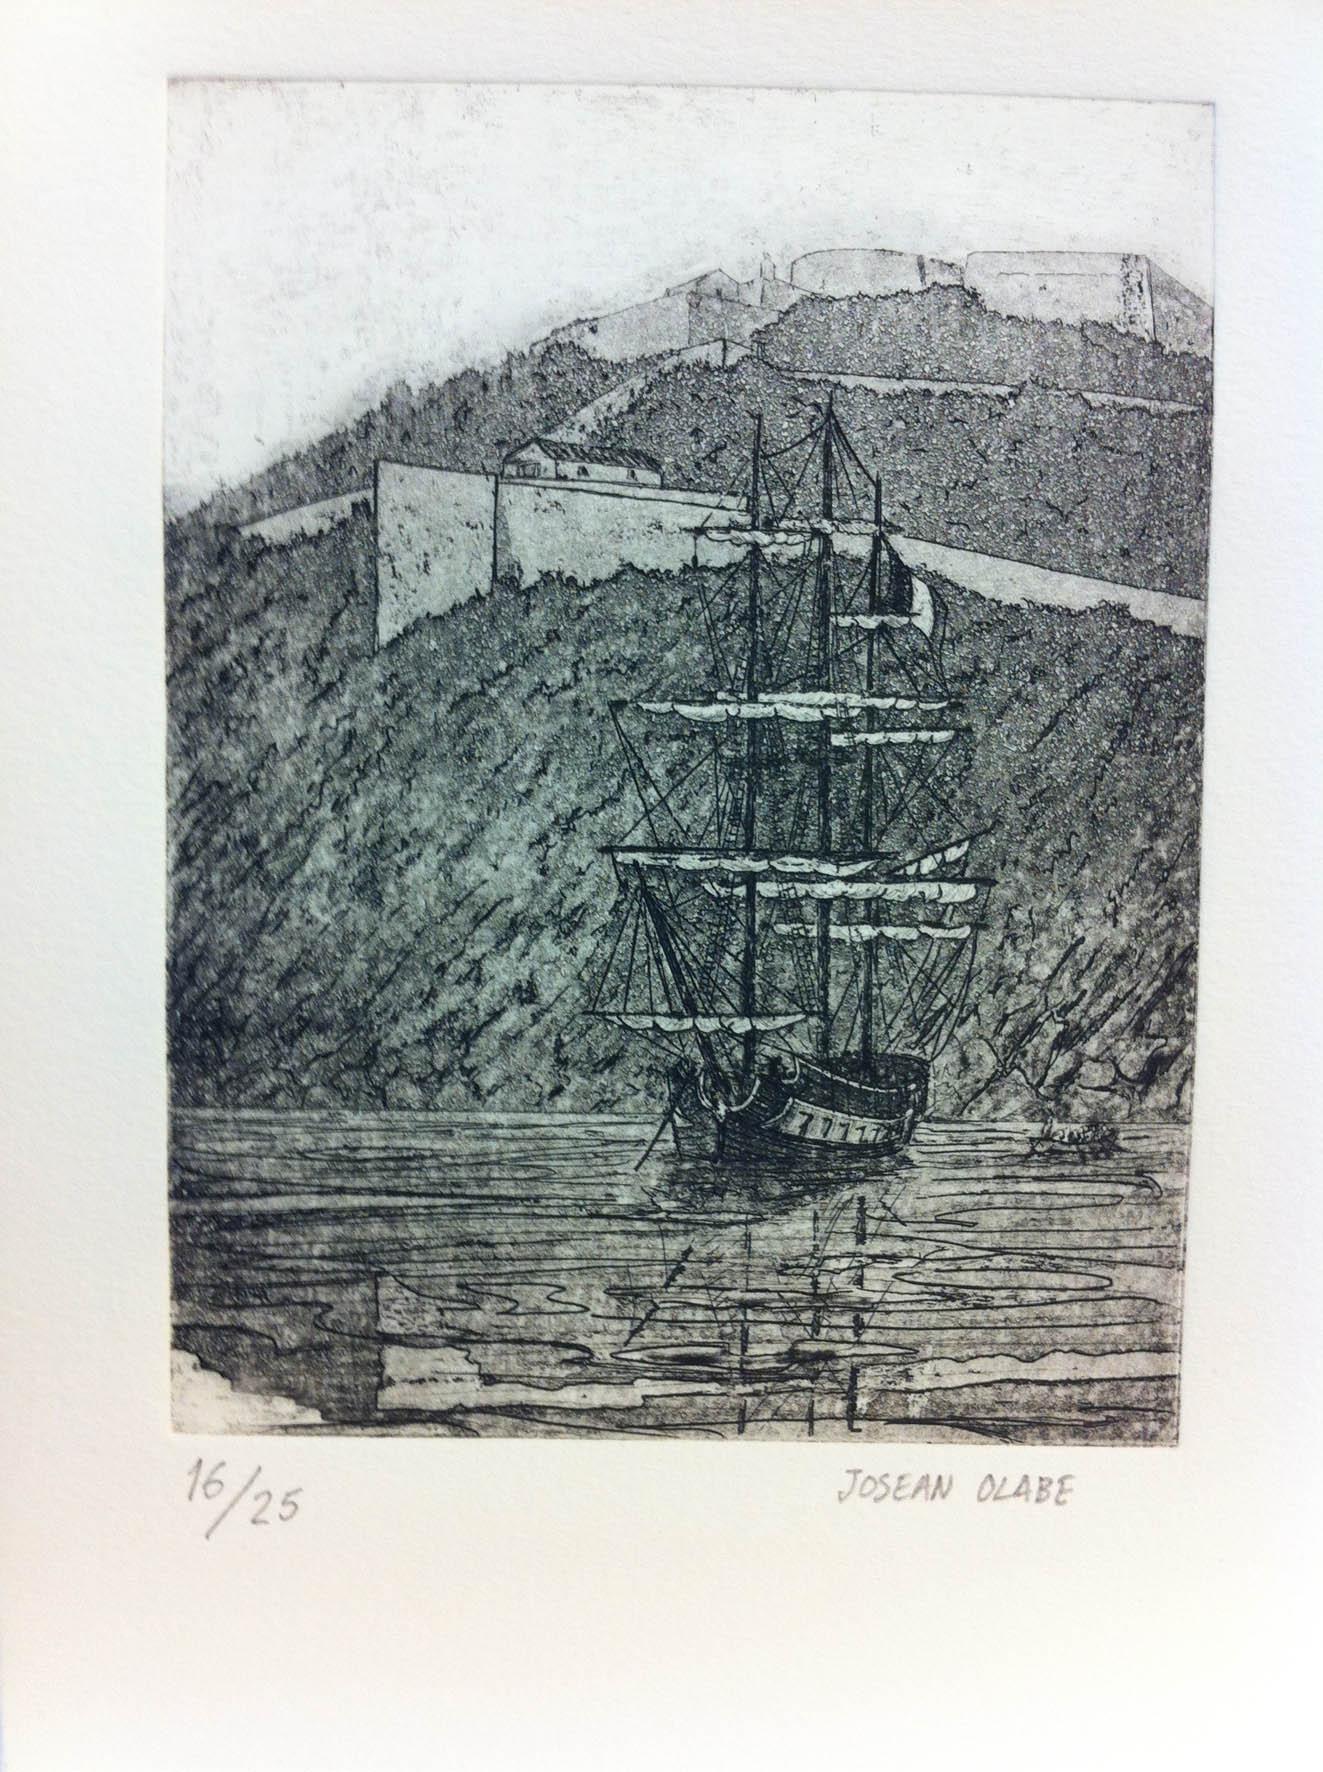 Grabado que representa a una fragata francesa fondeada en la bahía de la Concha, a los pies del monte Urgull, en algún momento durante la Guerra de Independencia española.